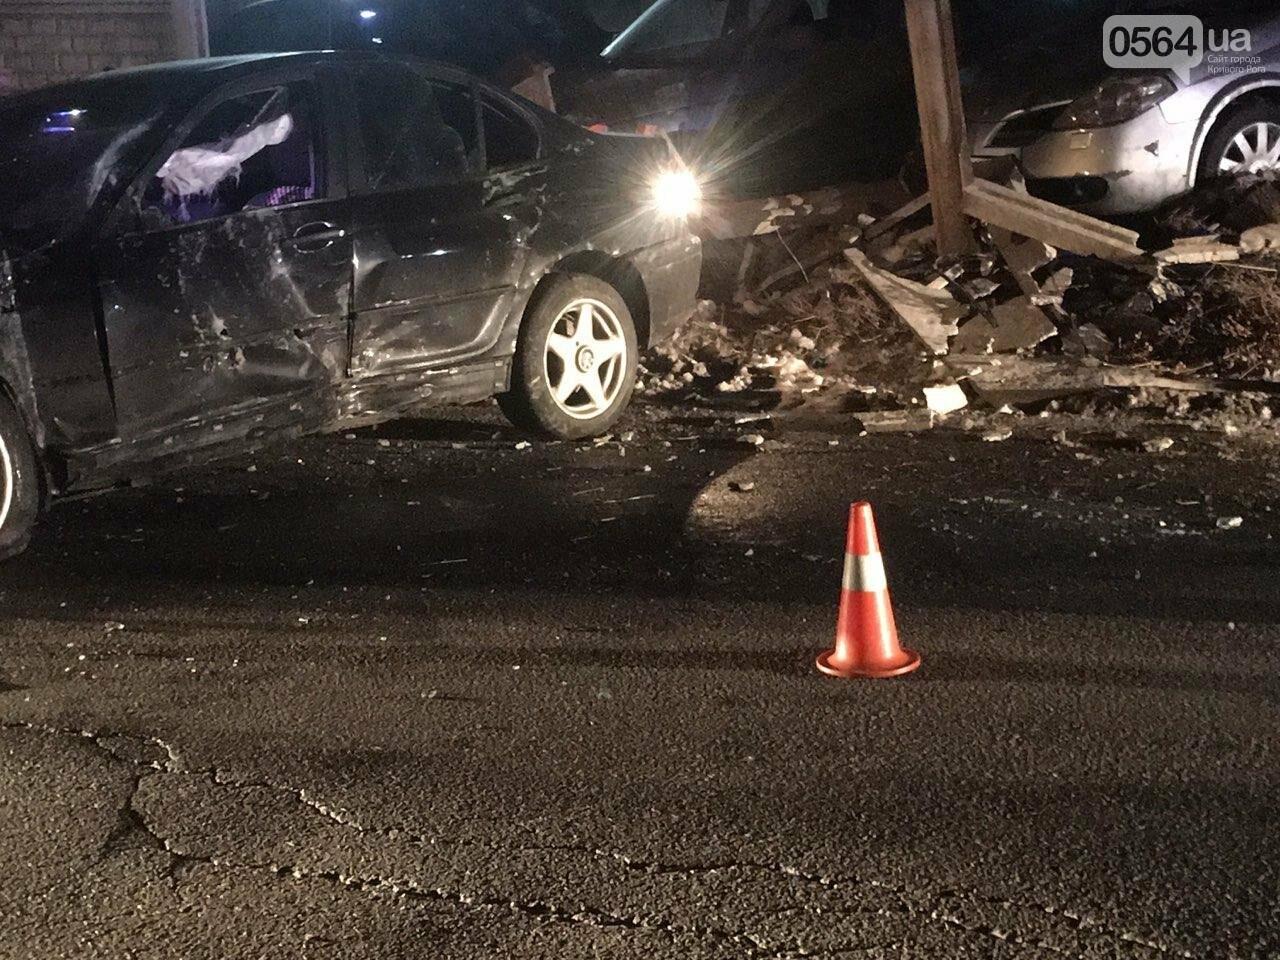 """В Кривом Роге """"BMW"""" снес забор стоянки: повреждено около 10 машин, есть пострадавший, - ФОТО , фото-8"""